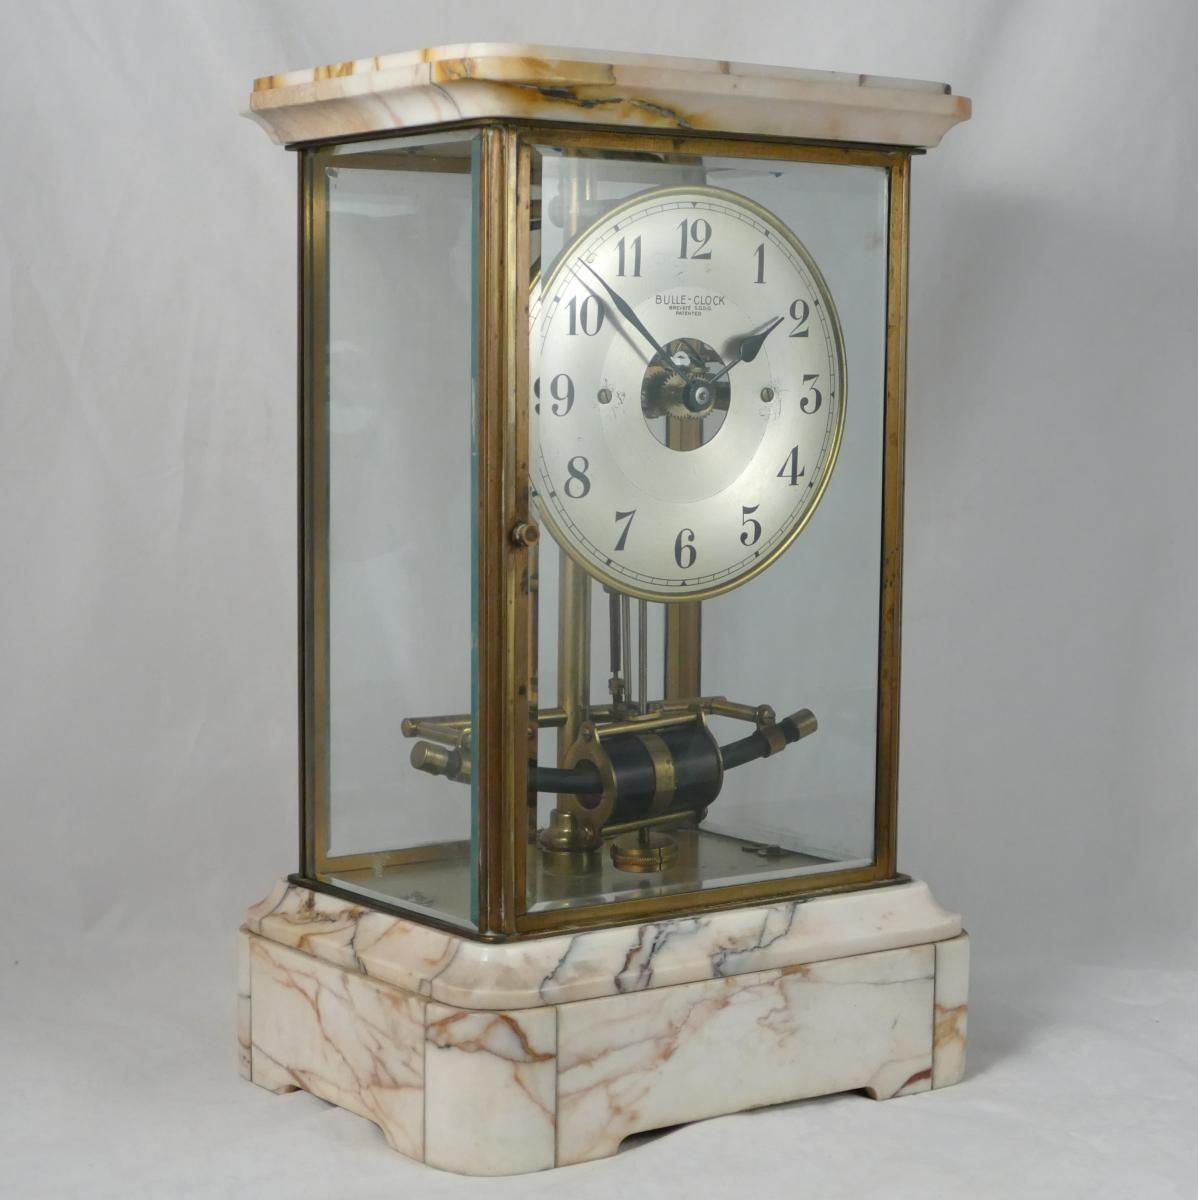 Horloge De Bureau Originale pendule bulle clock art déco., autrefois en gascogne